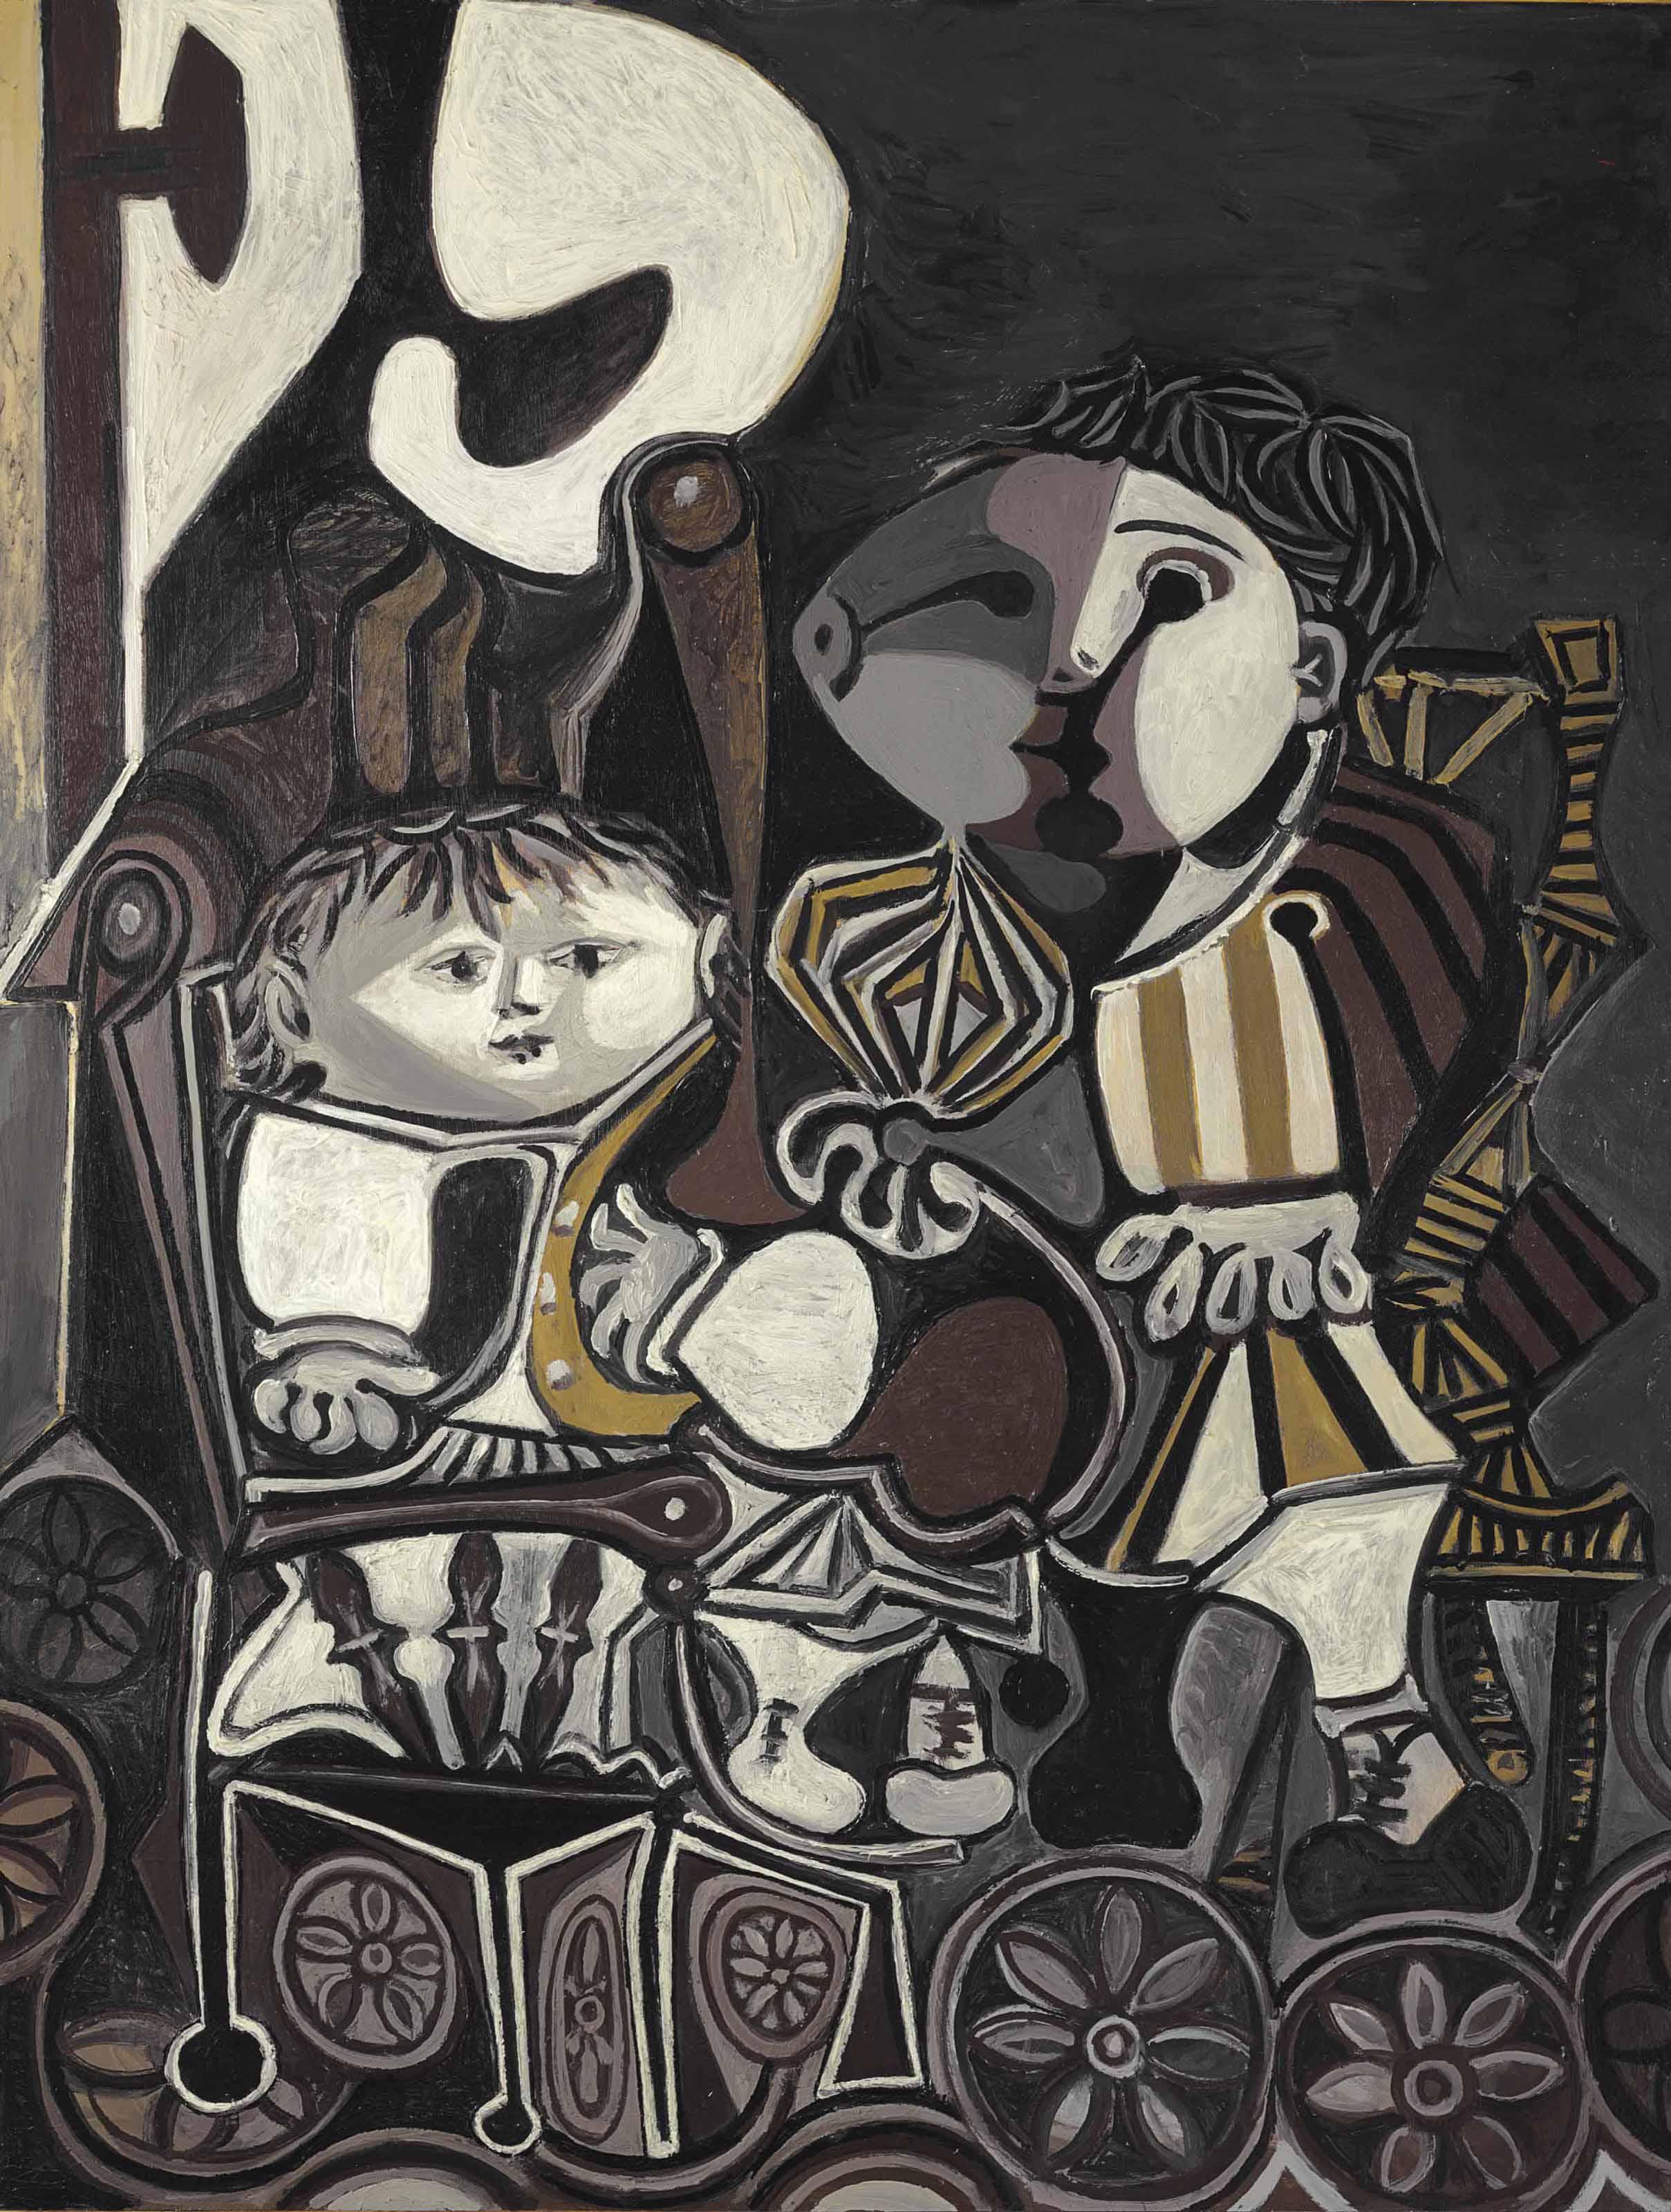 Audio: Pablo Picasso, Claude et Paloma